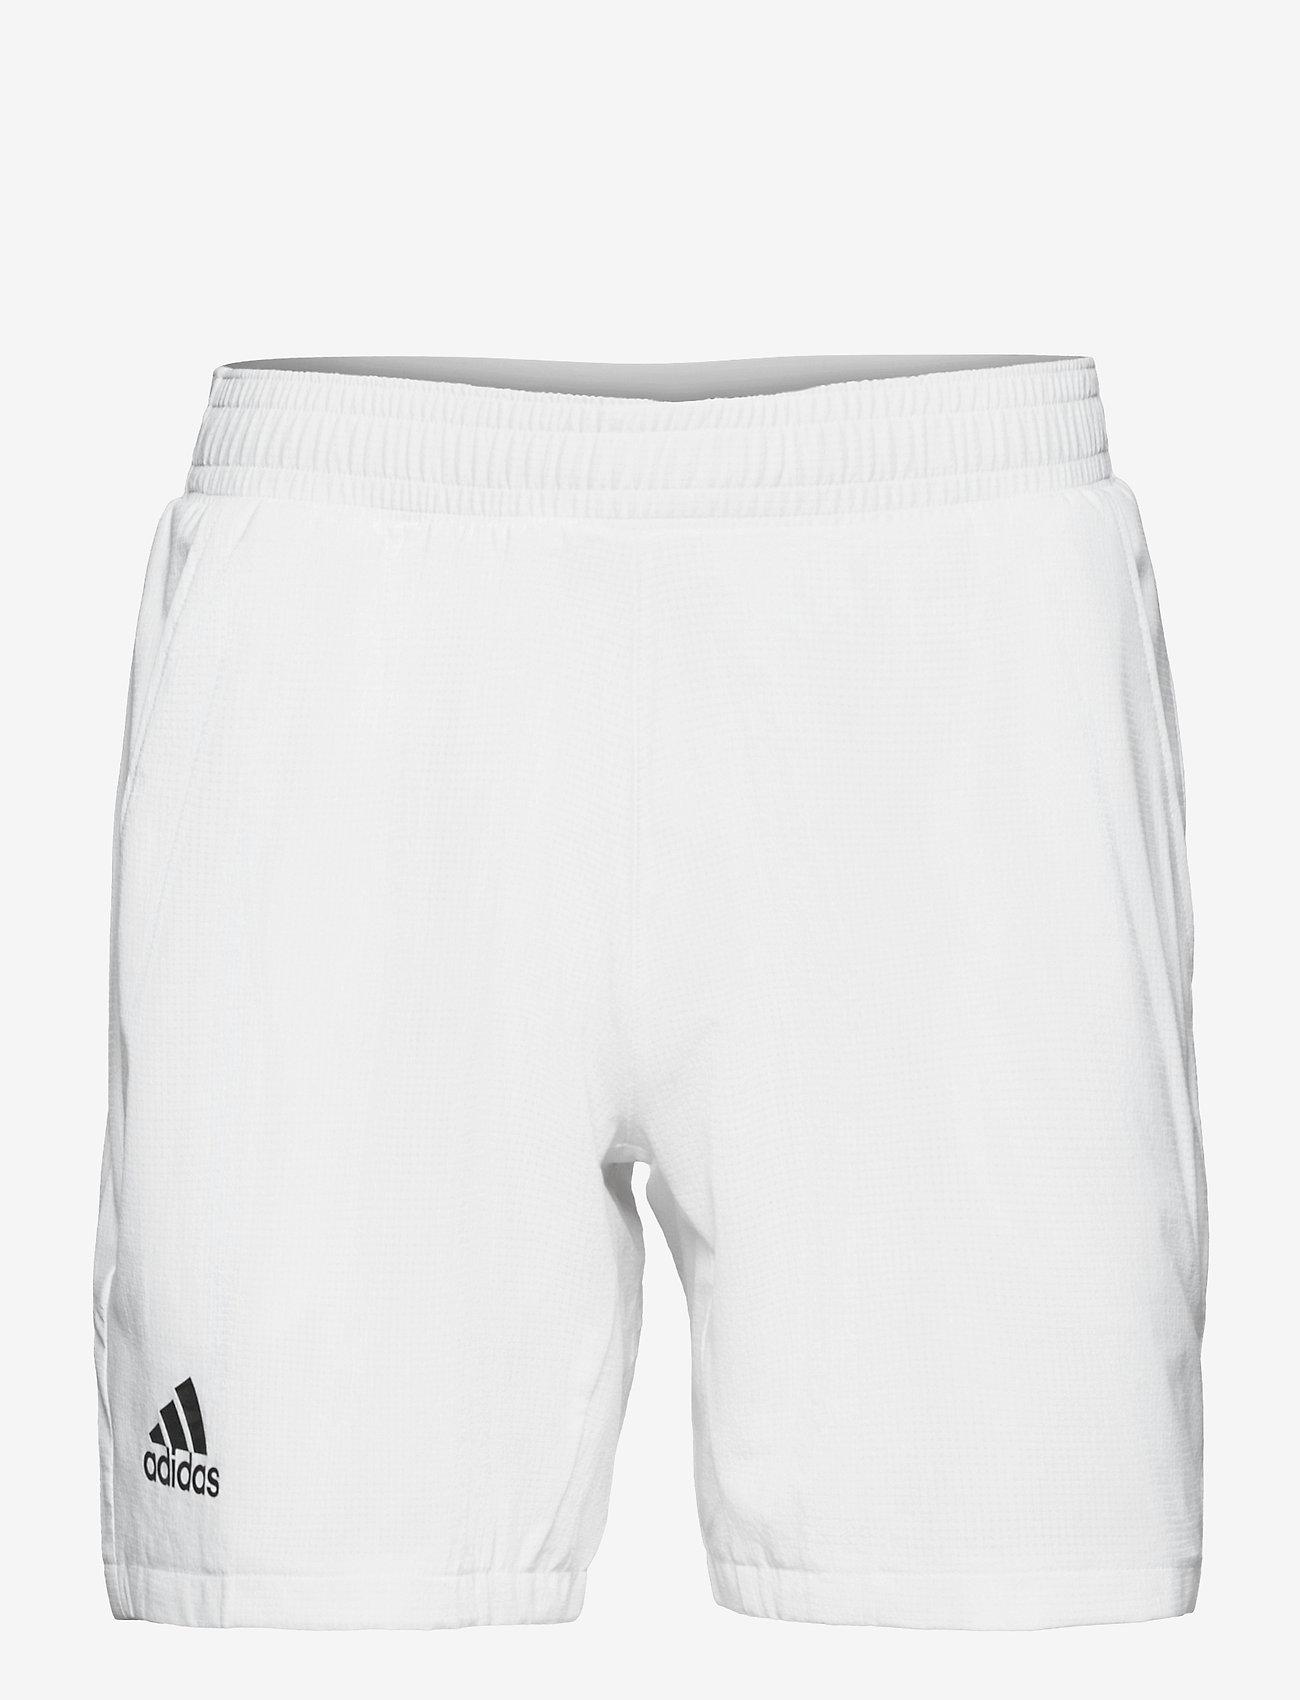 adidas Performance - ERGO SHORTS - trainingsshorts - white - 1